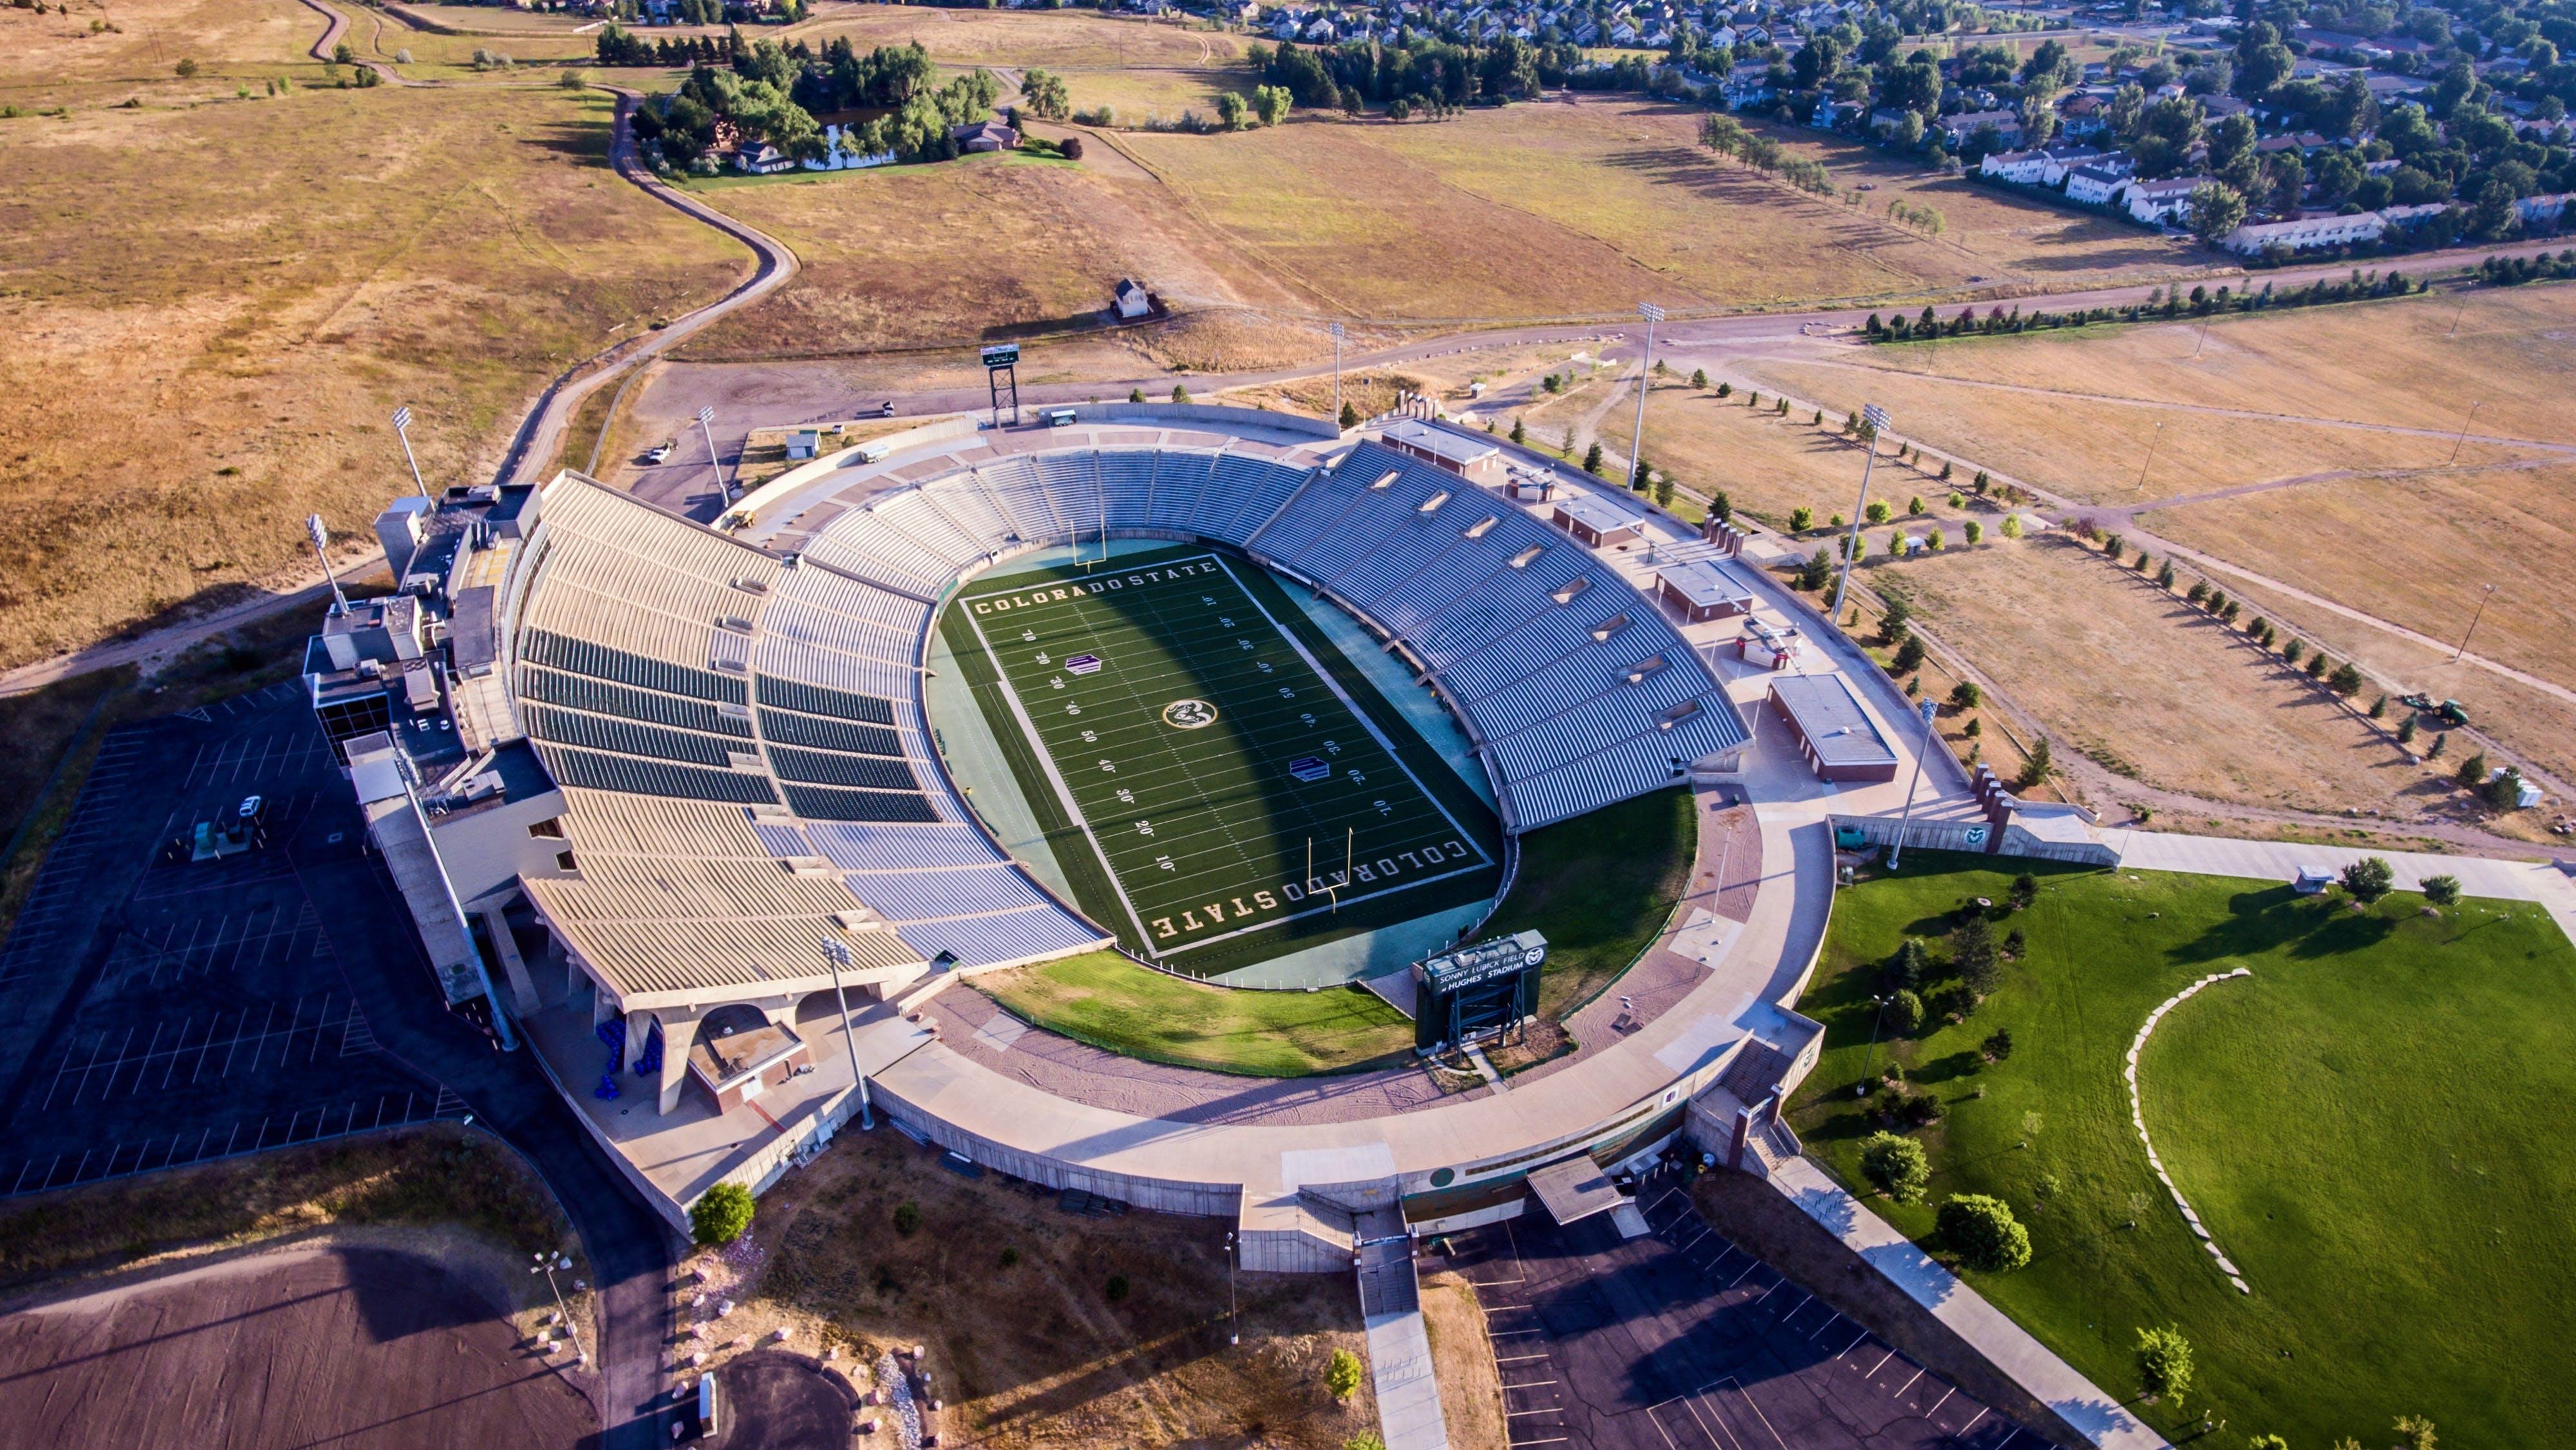 Aerial Photo of Gray and White Stadium